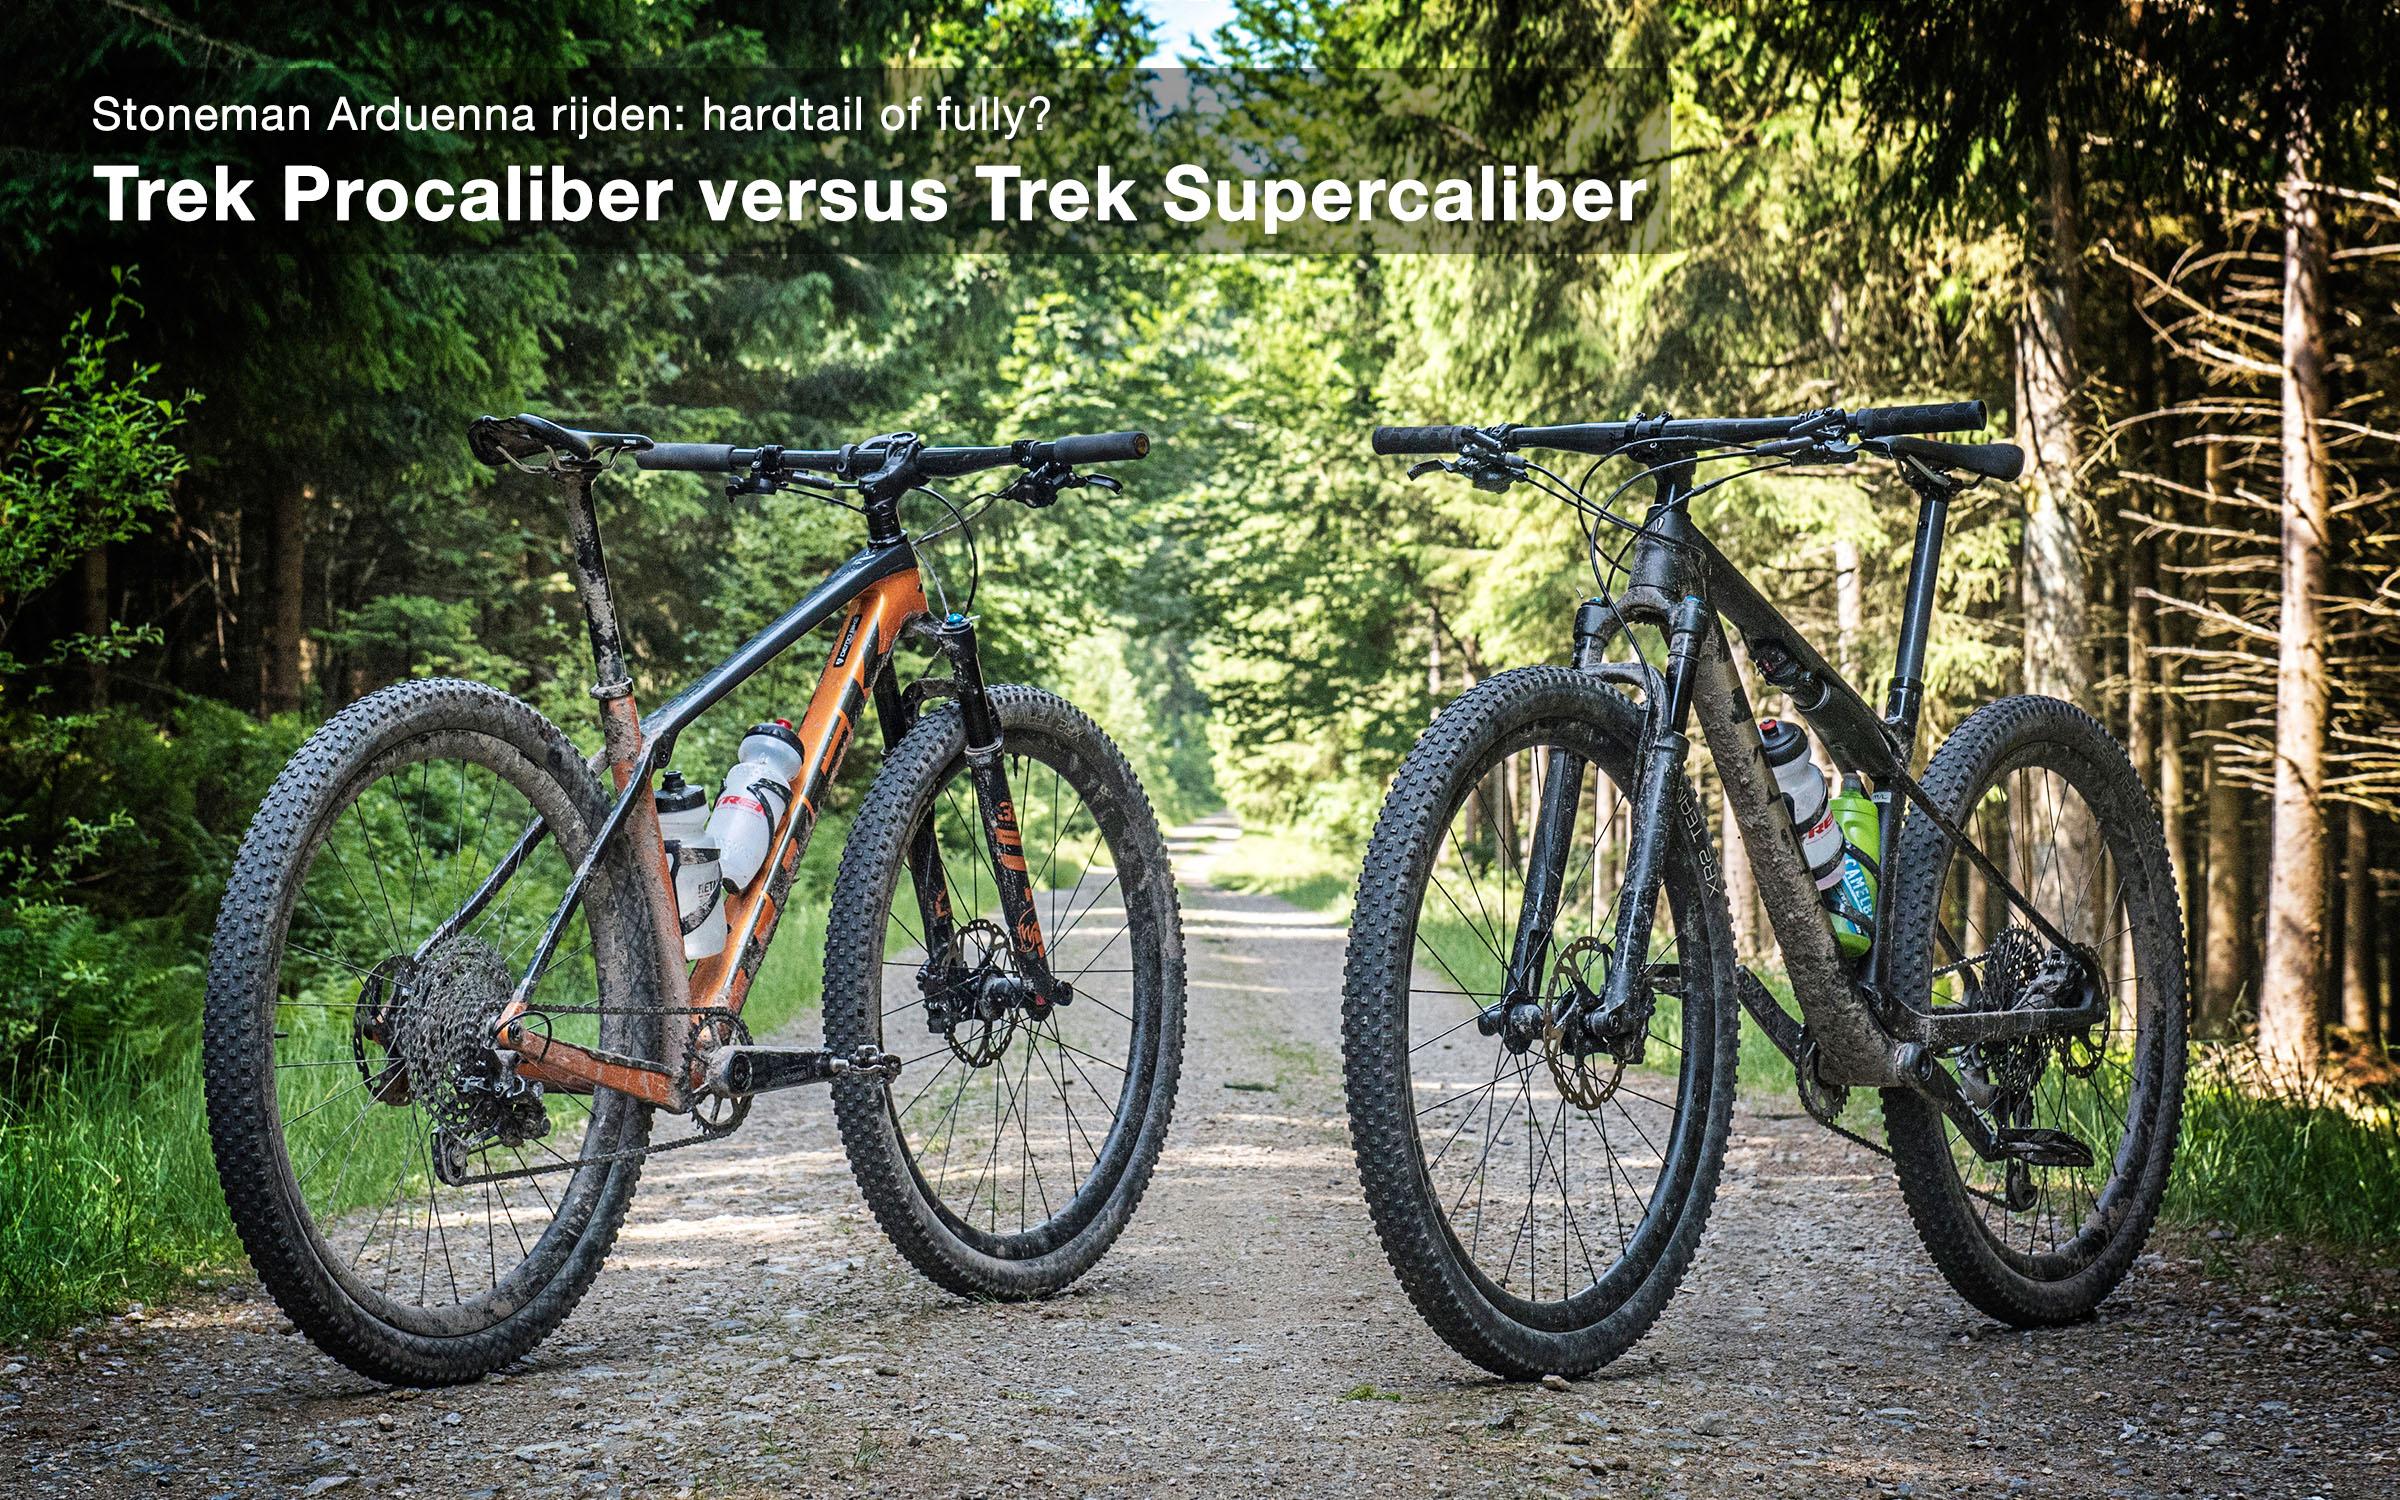 Test Trek Procaliber en Supercaliber, welke bike werkt het beste voor de Stoneman Arduenna?